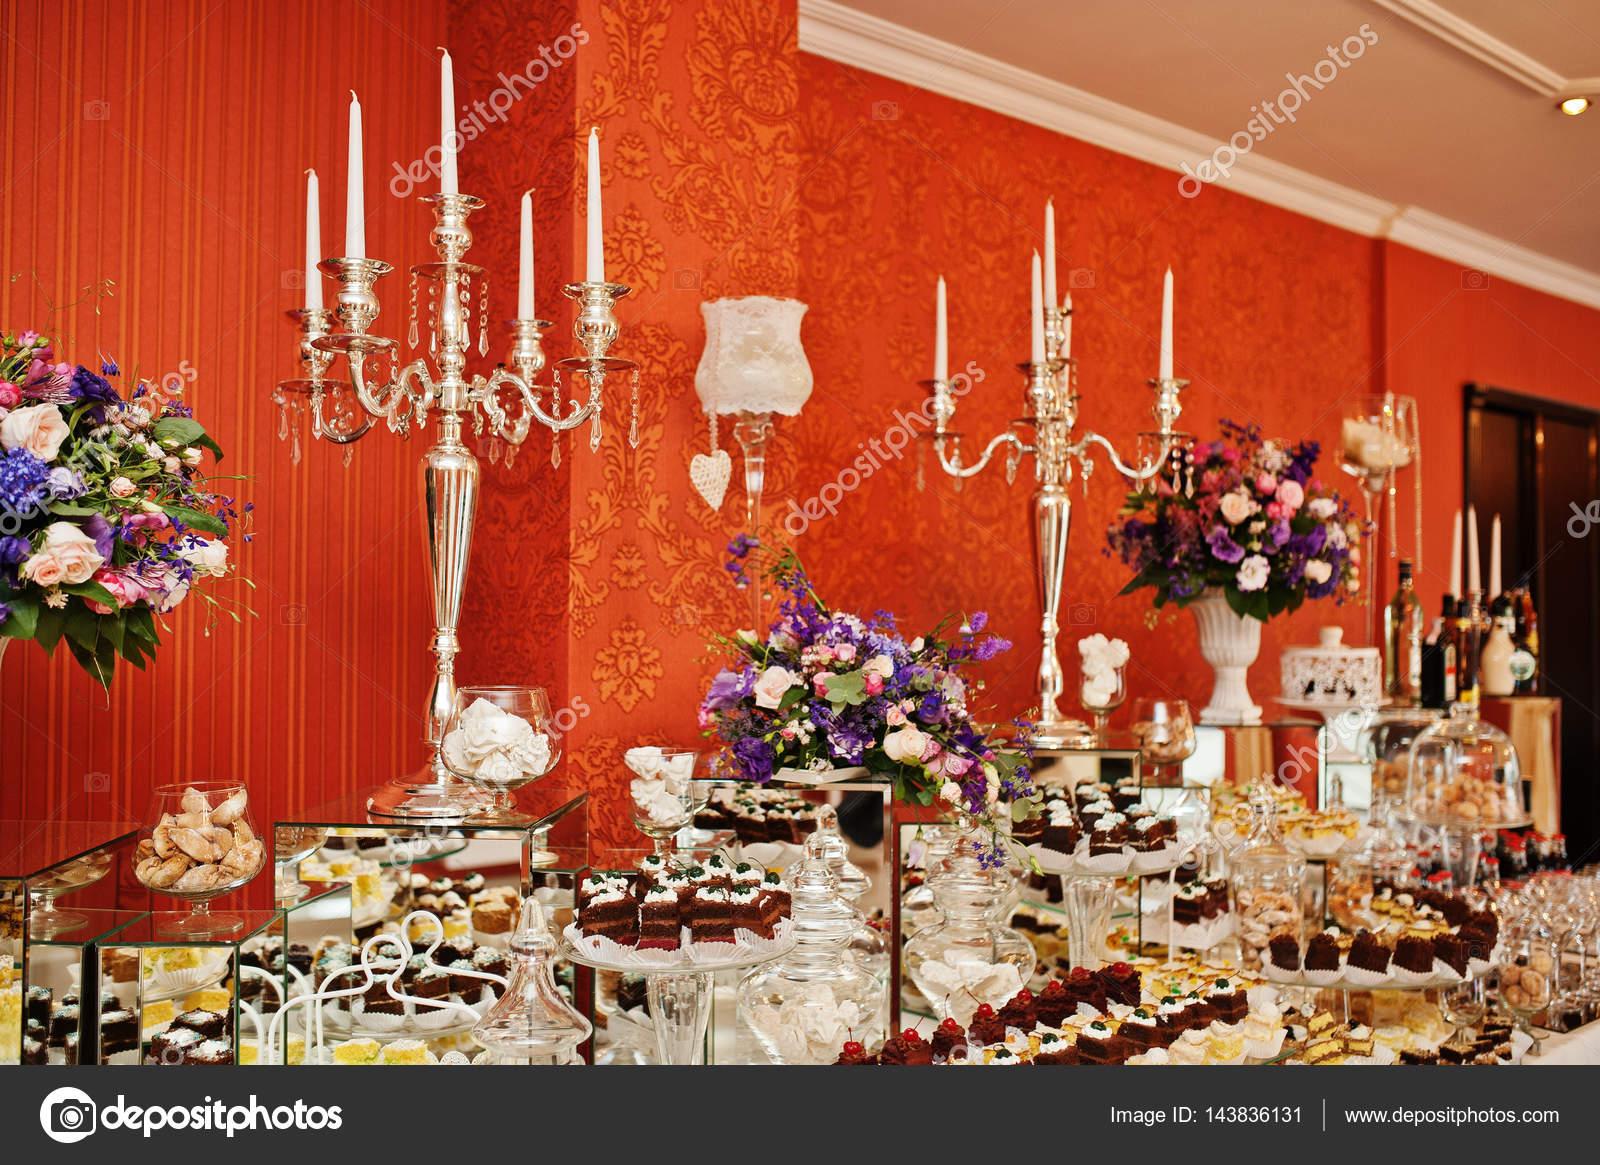 b8b13a8eb1d5a6 Różne rodzaje ciast i pieczenia w stół wesele — Zdjęcie stockowe ...